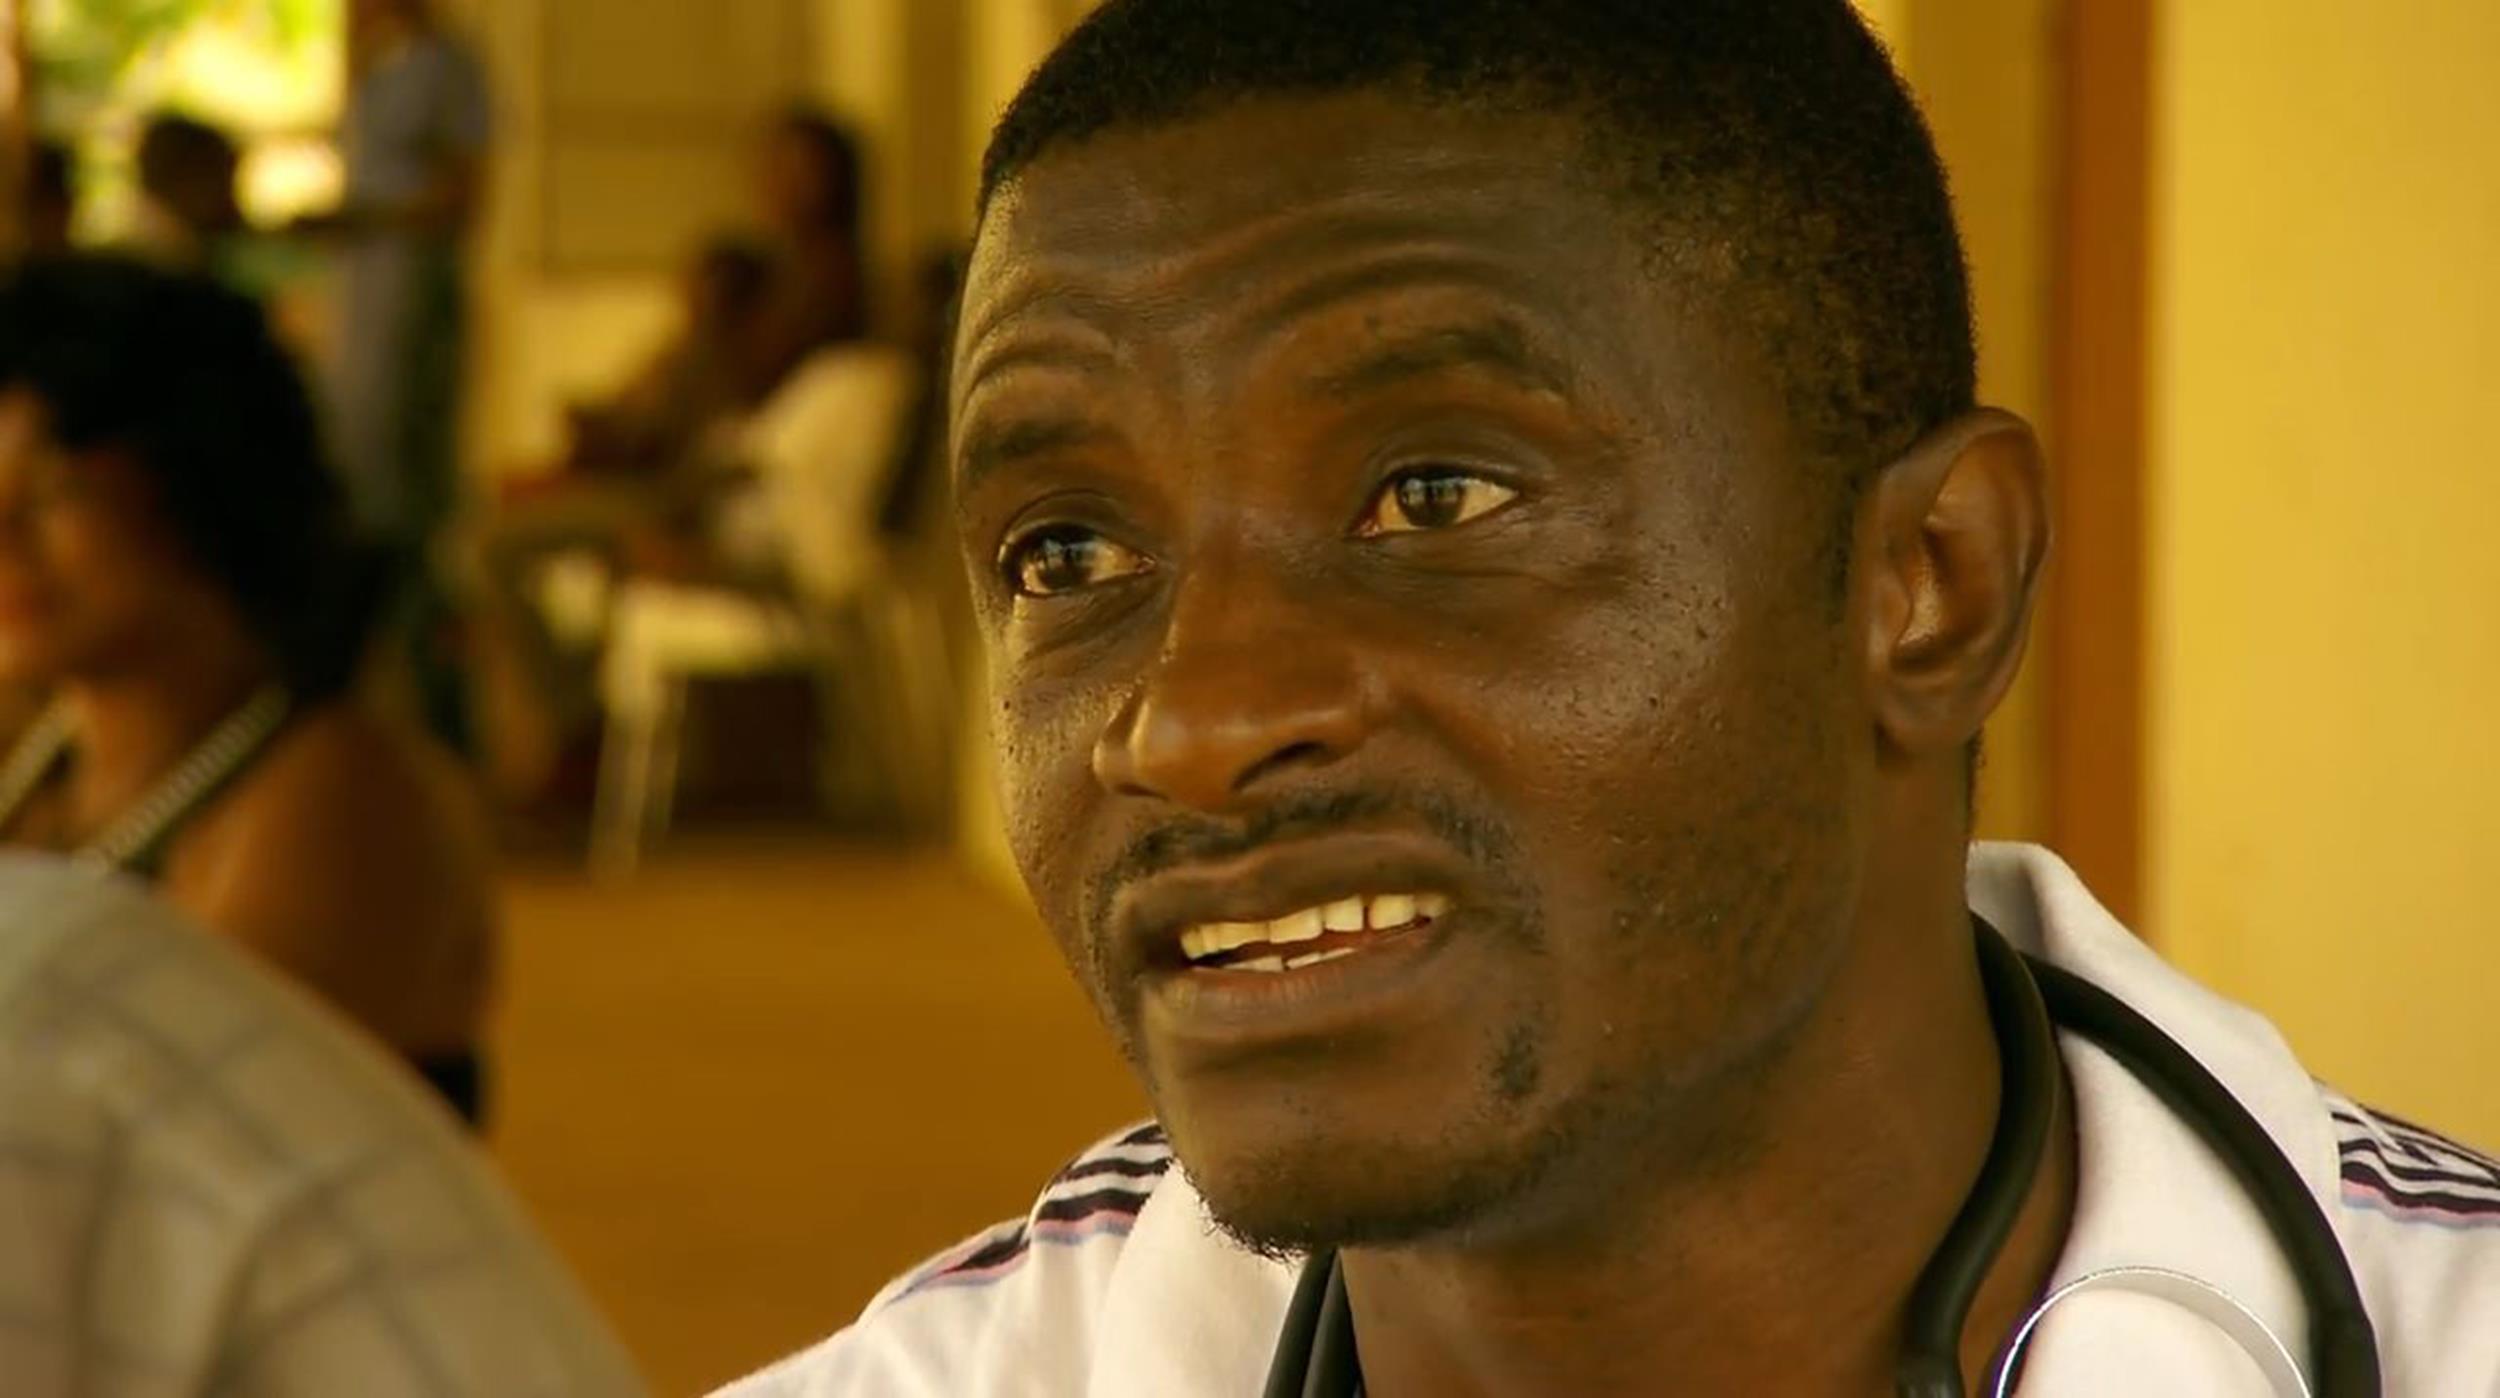 Gydytojas M.Salia yra jau dešimtas Ebola užsikrėtęs pacientas, kuris buvo gydomas Jungtinėse Valstijose, ir antras, kuris pralaimėjo kovą su šia liga. (valleynewslive nuotr.)